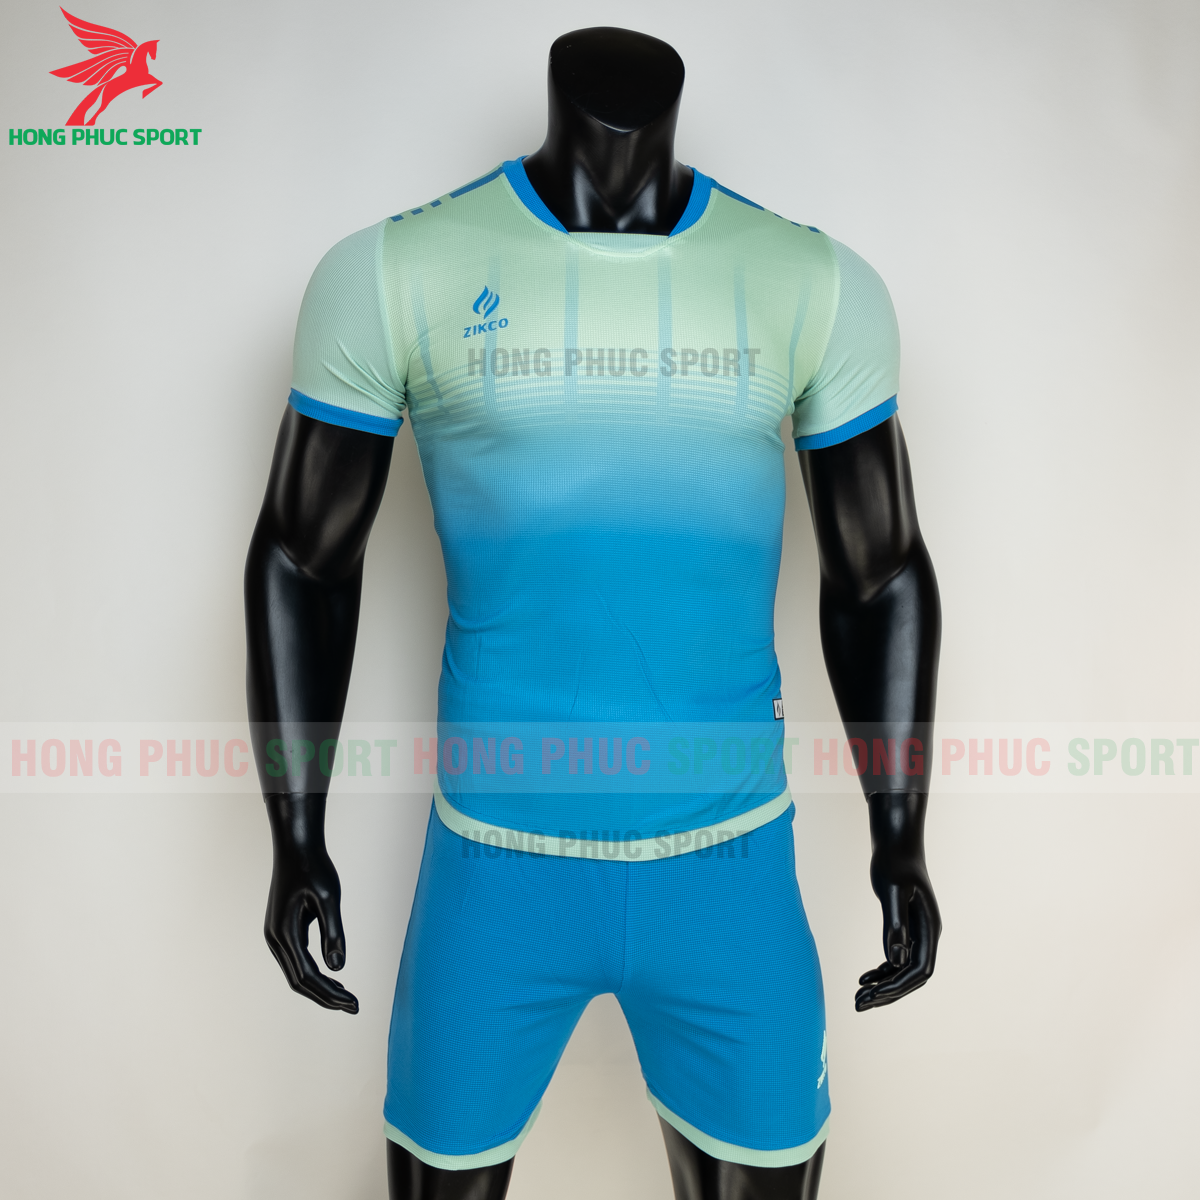 https://cdn.hongphucsport.com/unsafe/s4.shopbay.vn/files/285/ao-bong-da-khong-logo-zikco-z01-mau-xanh-ngoc-2-605029649550f.png